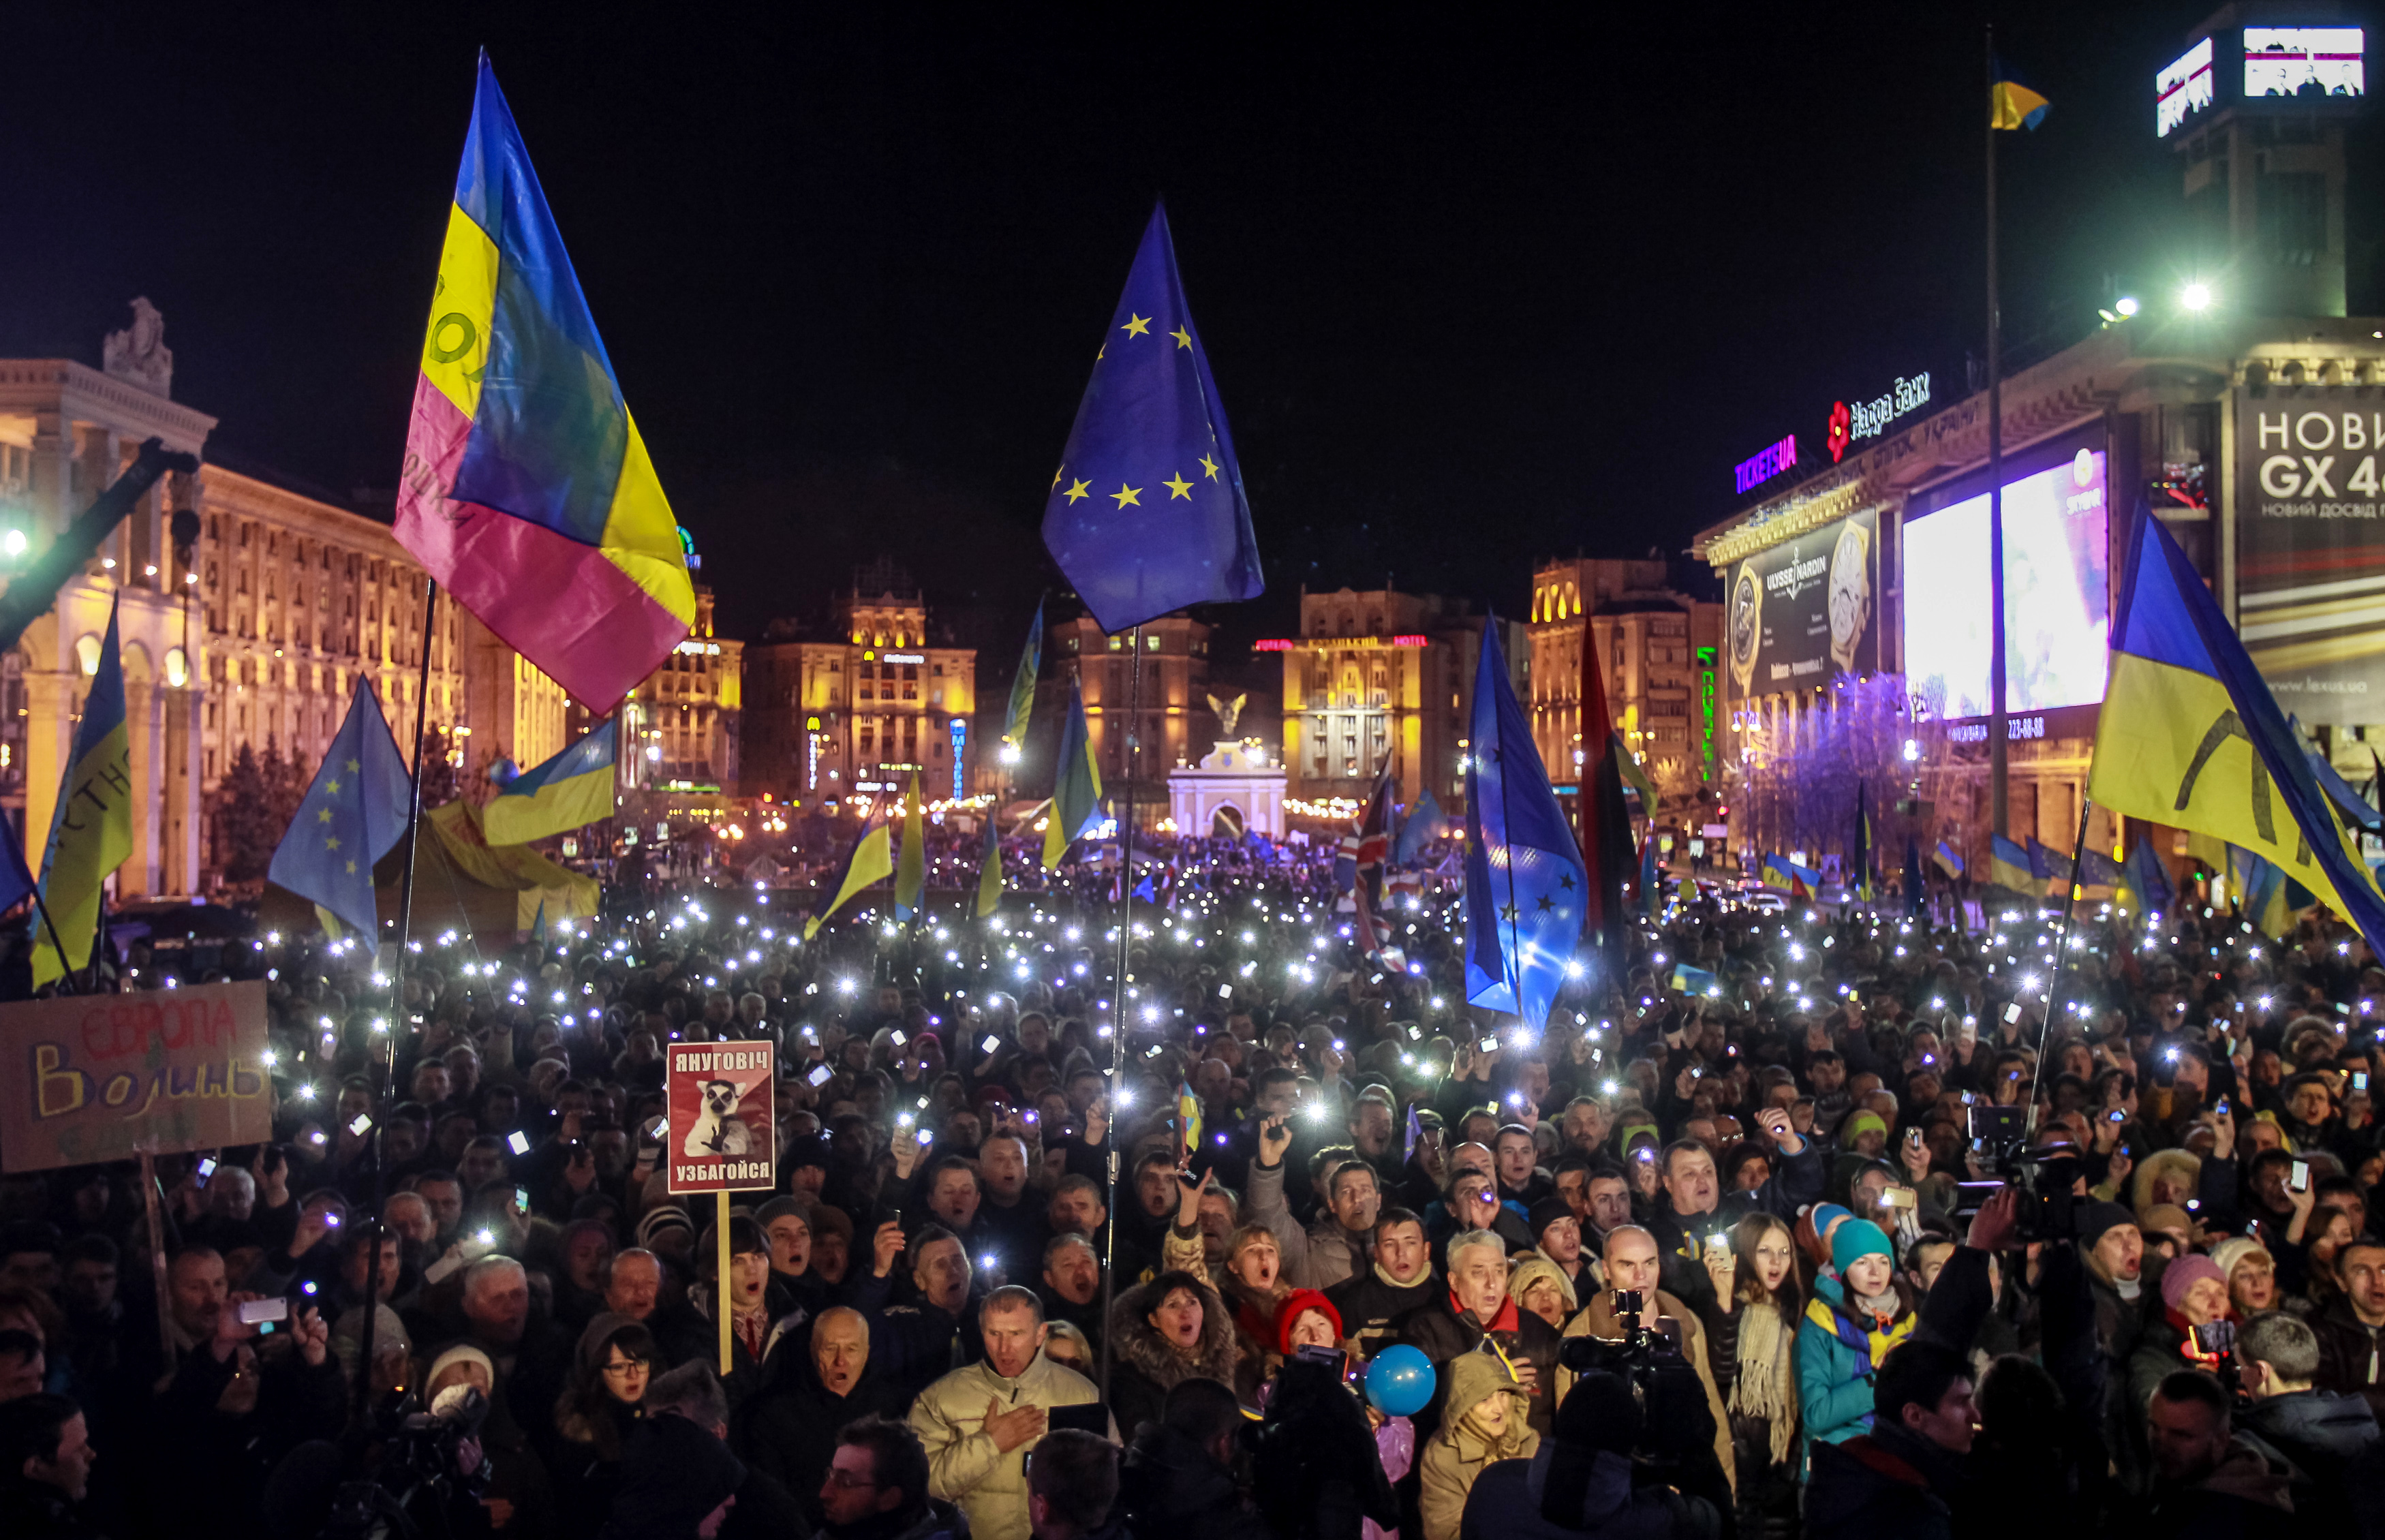 Manifestação ocorrida em 29 de novembro de 2013 na cidade de Kiev a favor do acordo com a União Europeia (Foto: Reuters/Gleb Garanich)